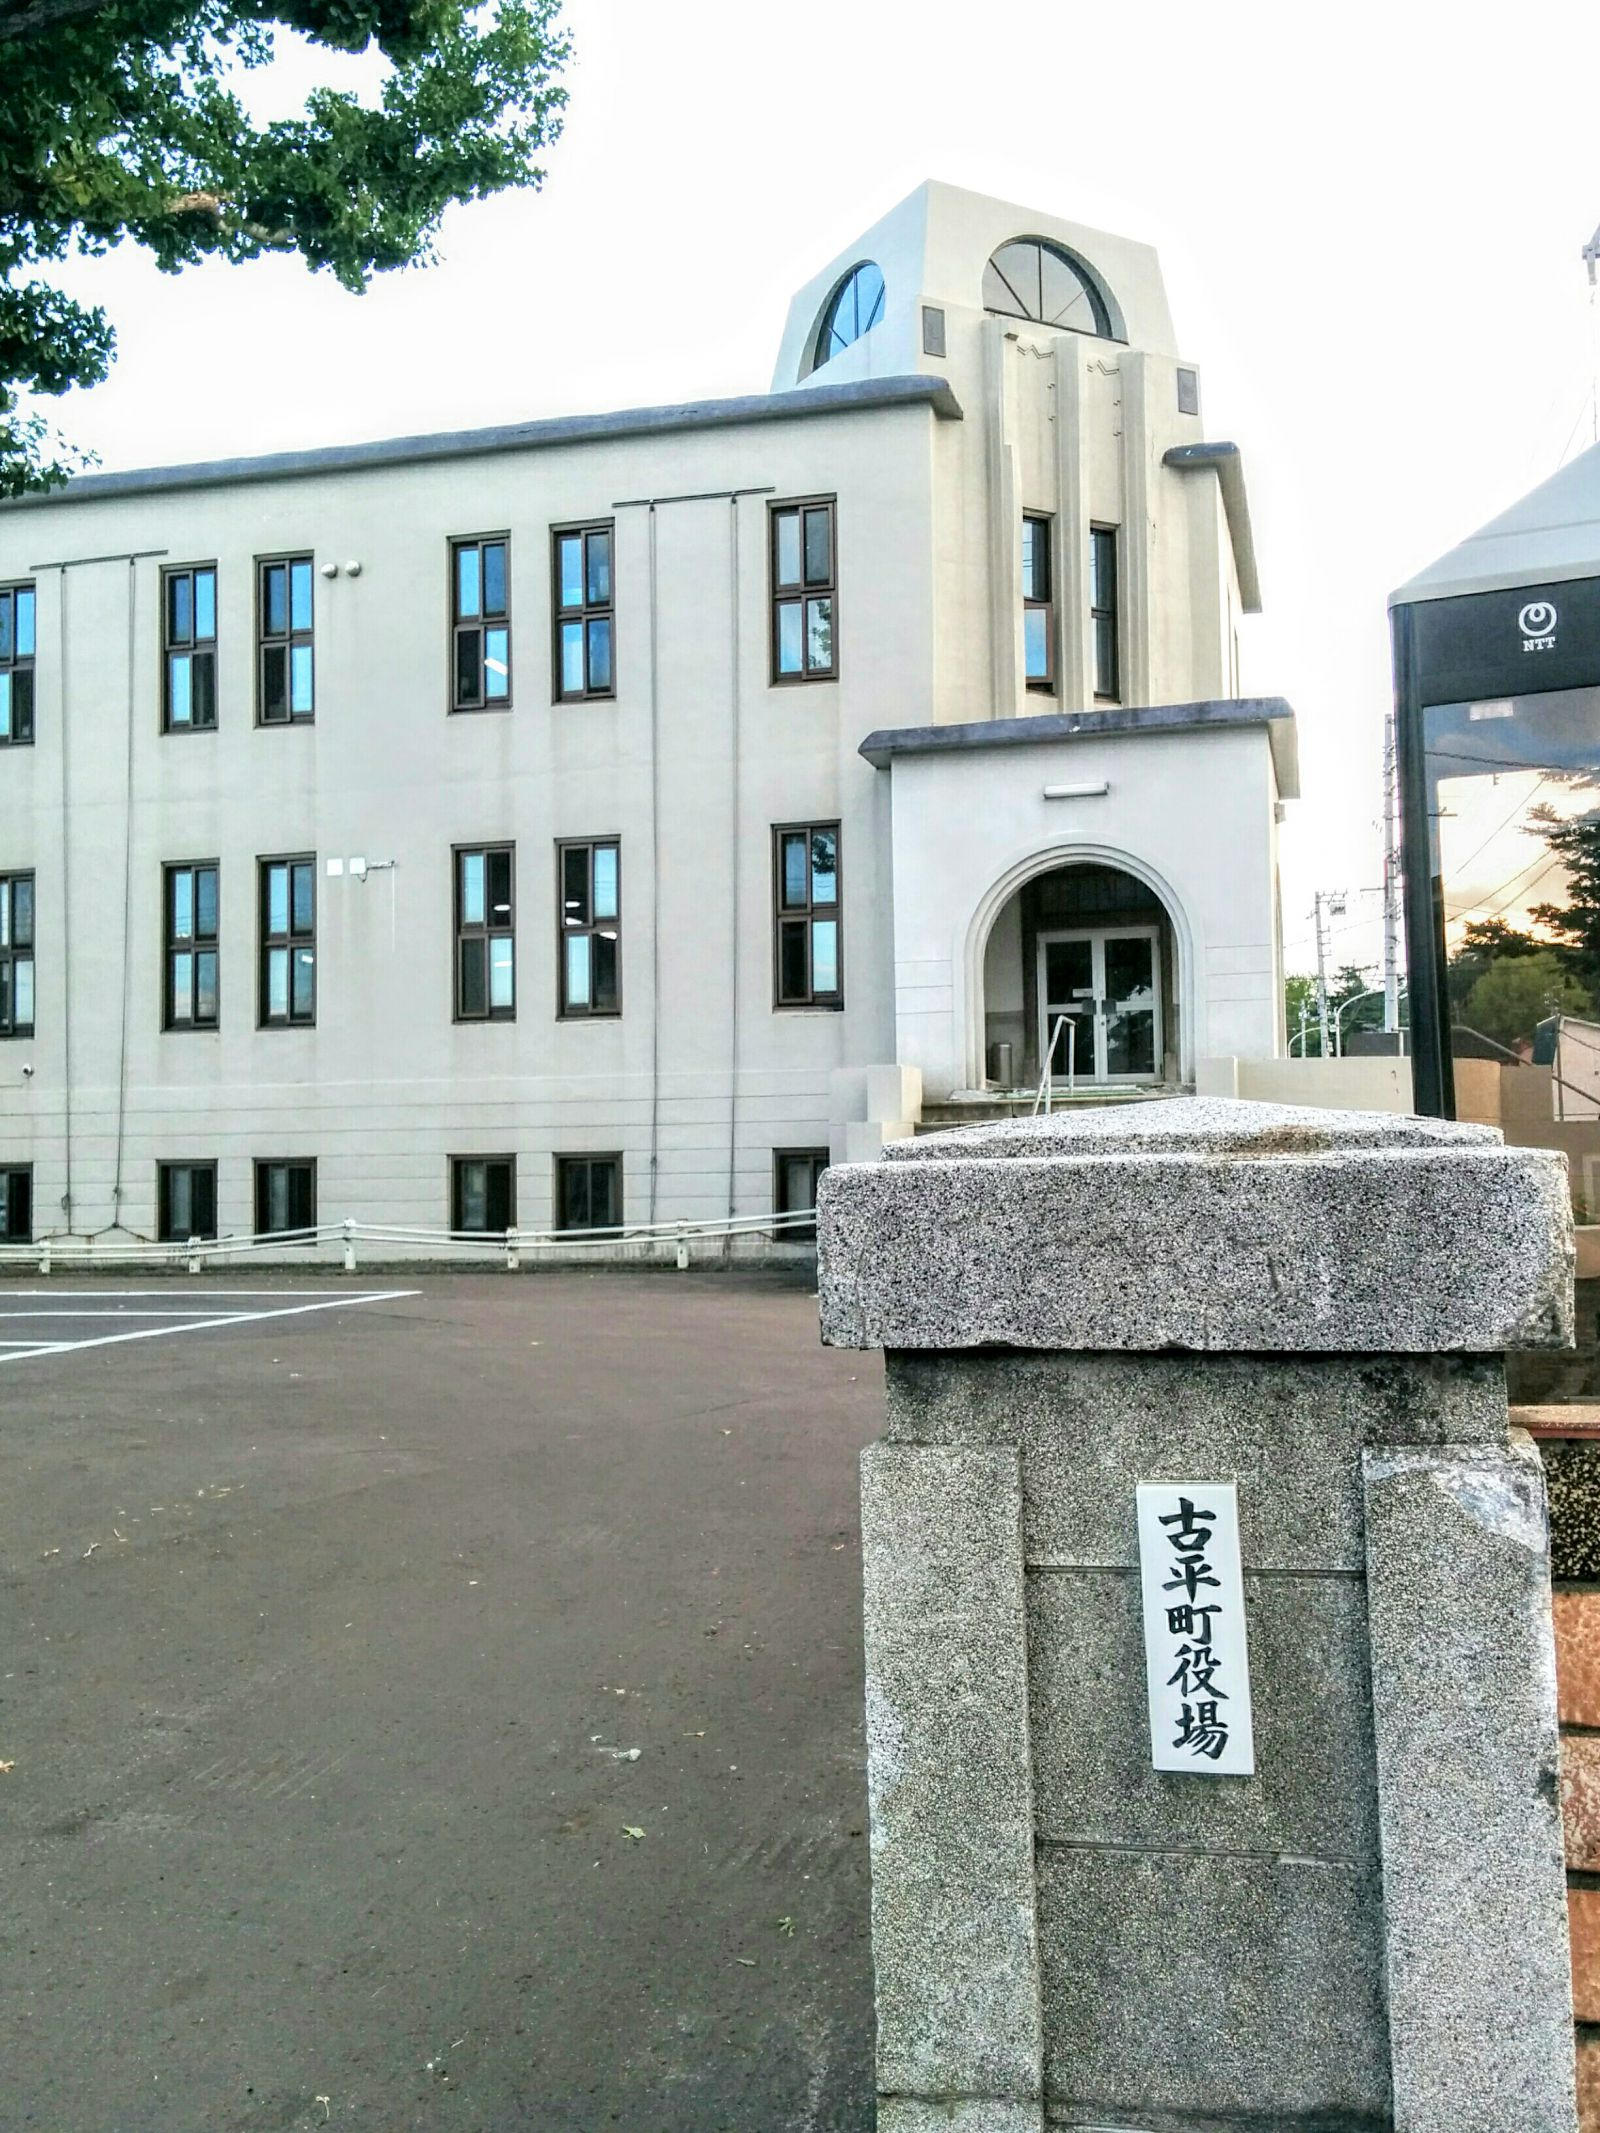 【積丹半島】古平町観光案内です。